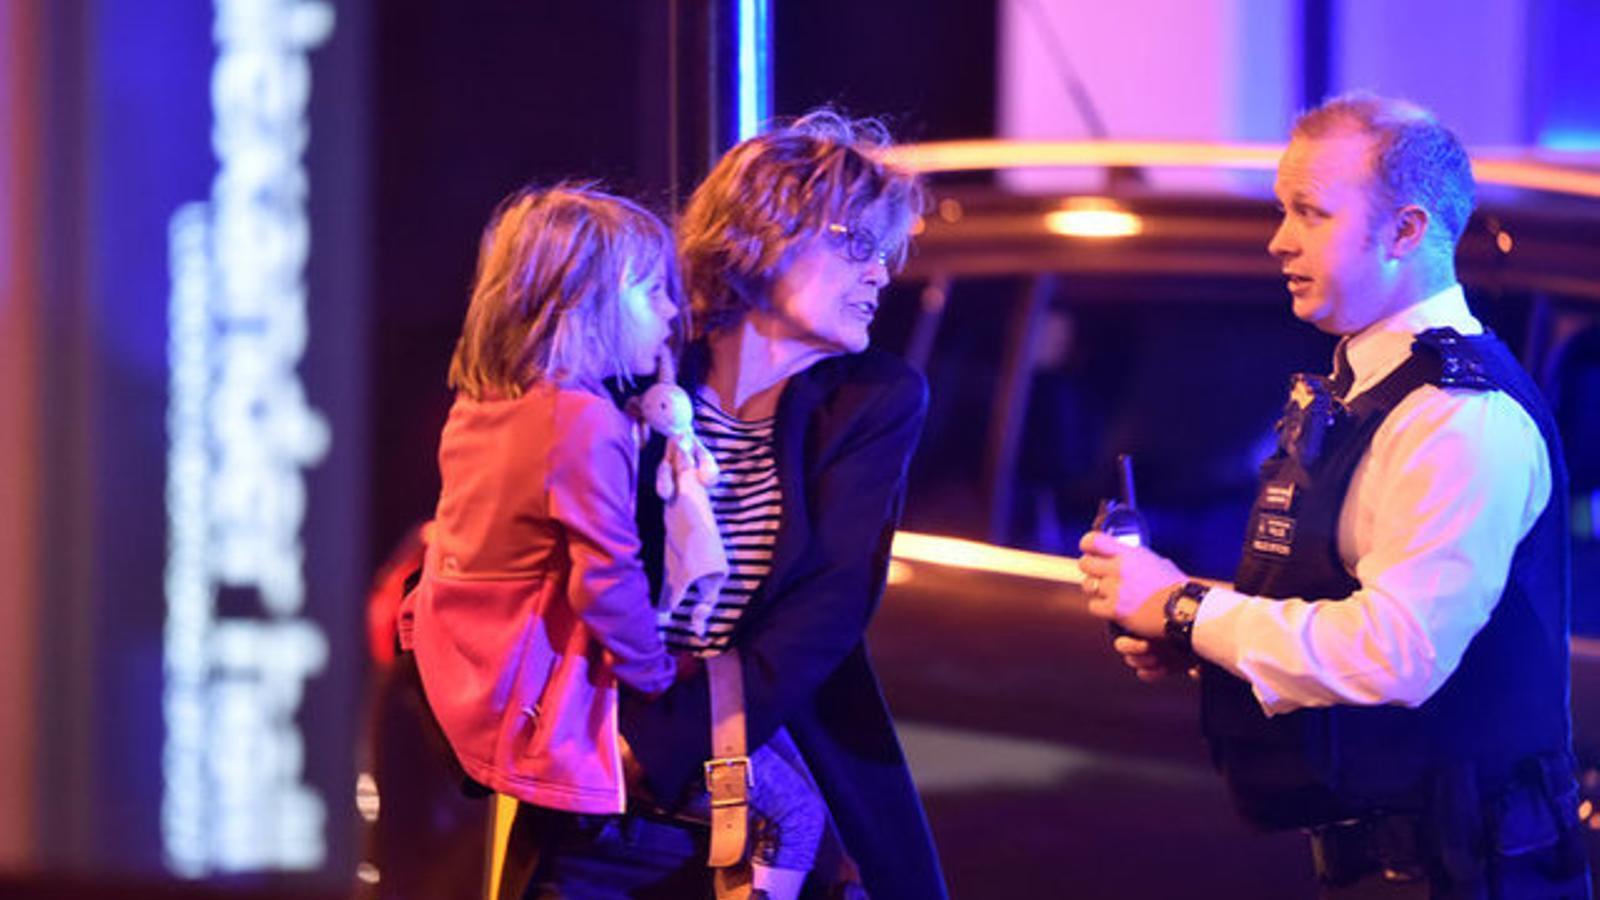 Un agent aconsella una dona a buscar un lloc segur fora de l'àrea dels incidents. / HANNAH MCKAY / REUTERS